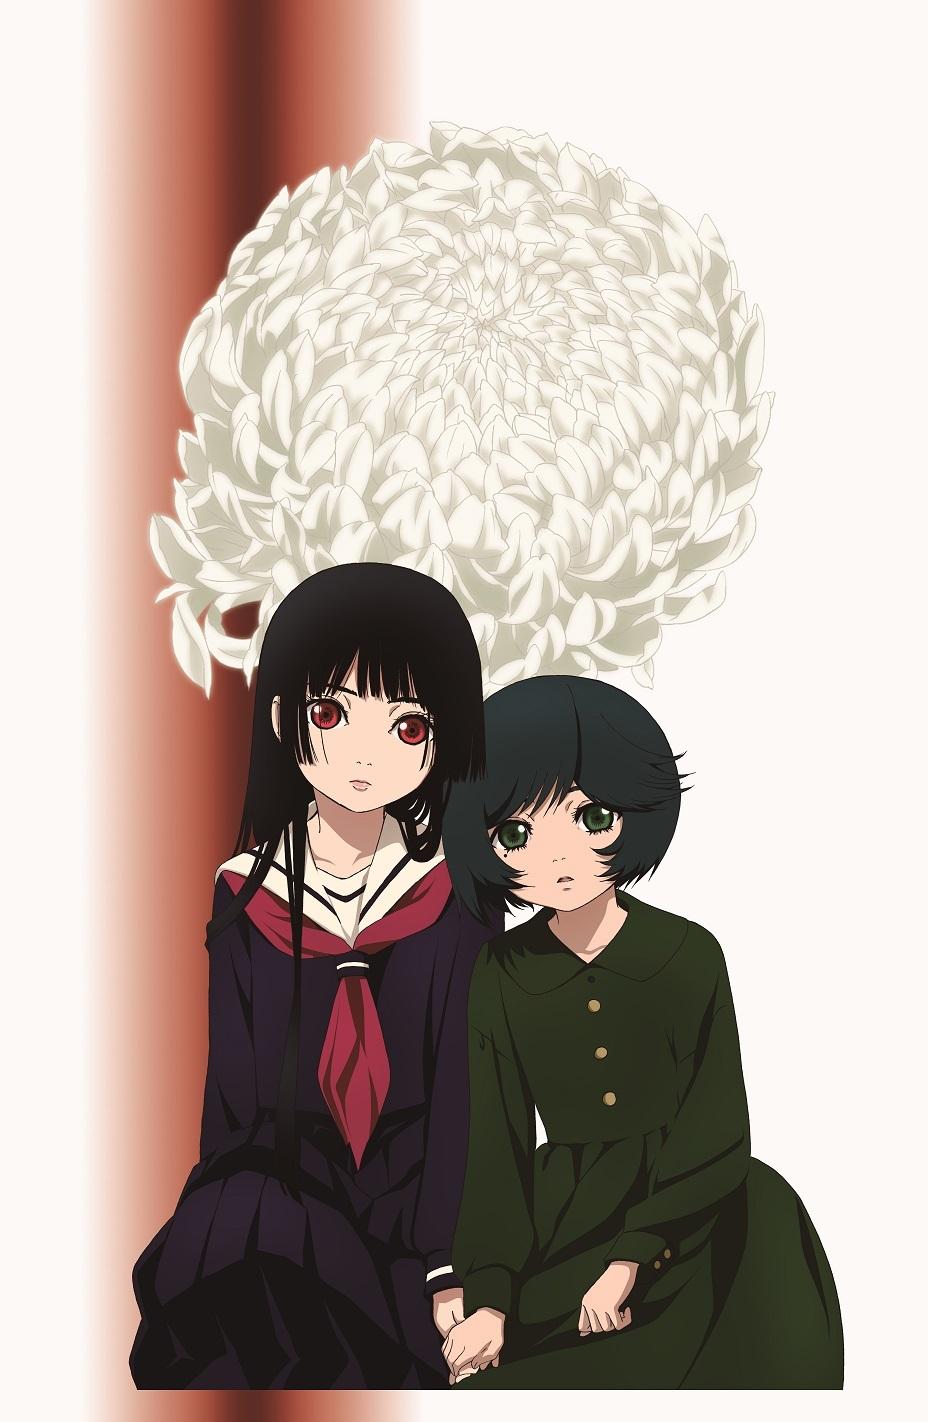 TVアニメ『地獄少女 宵伽』